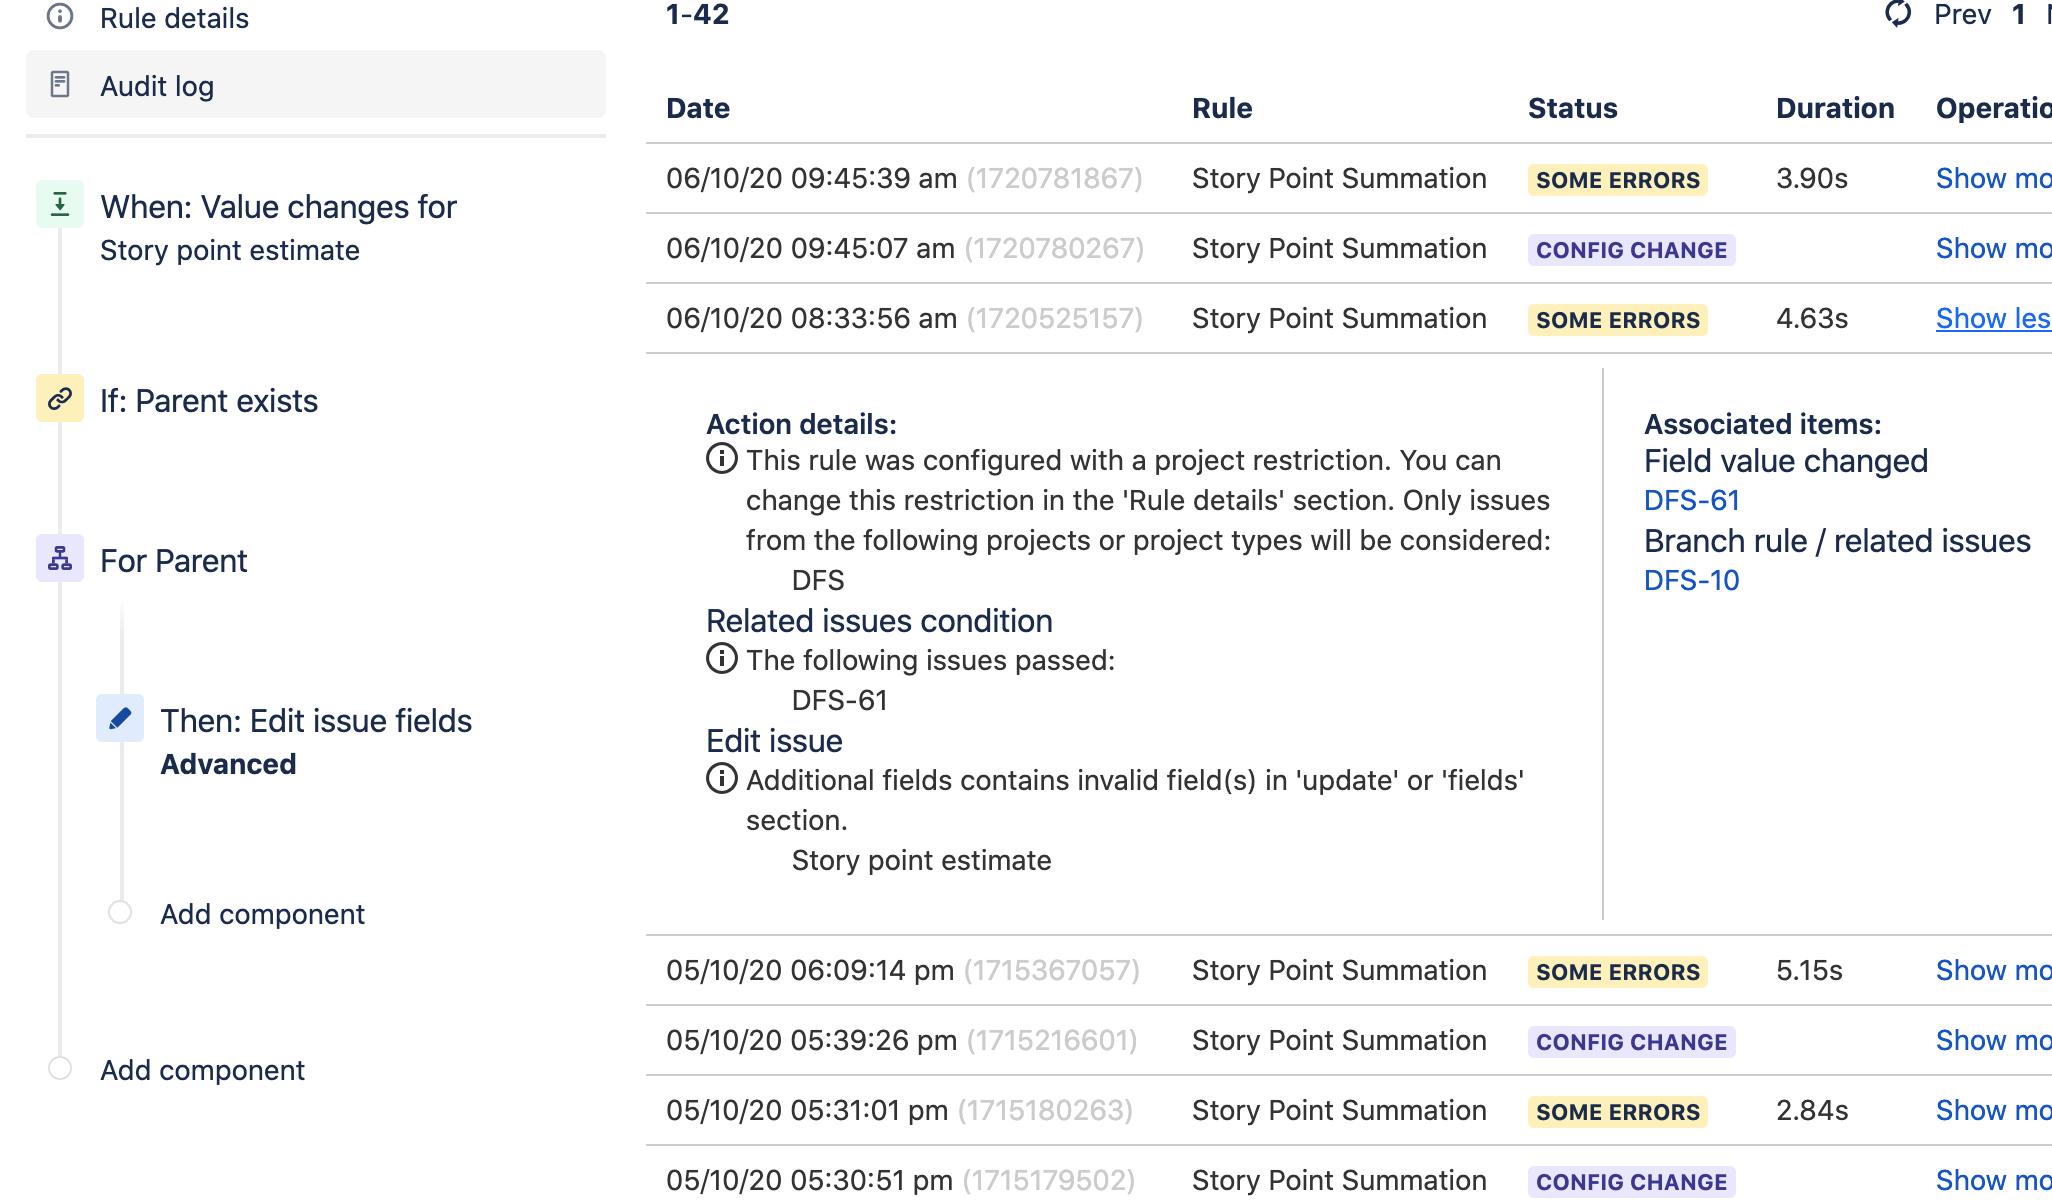 Screenshot 2020-10-06 at 10.28.04 AM.png